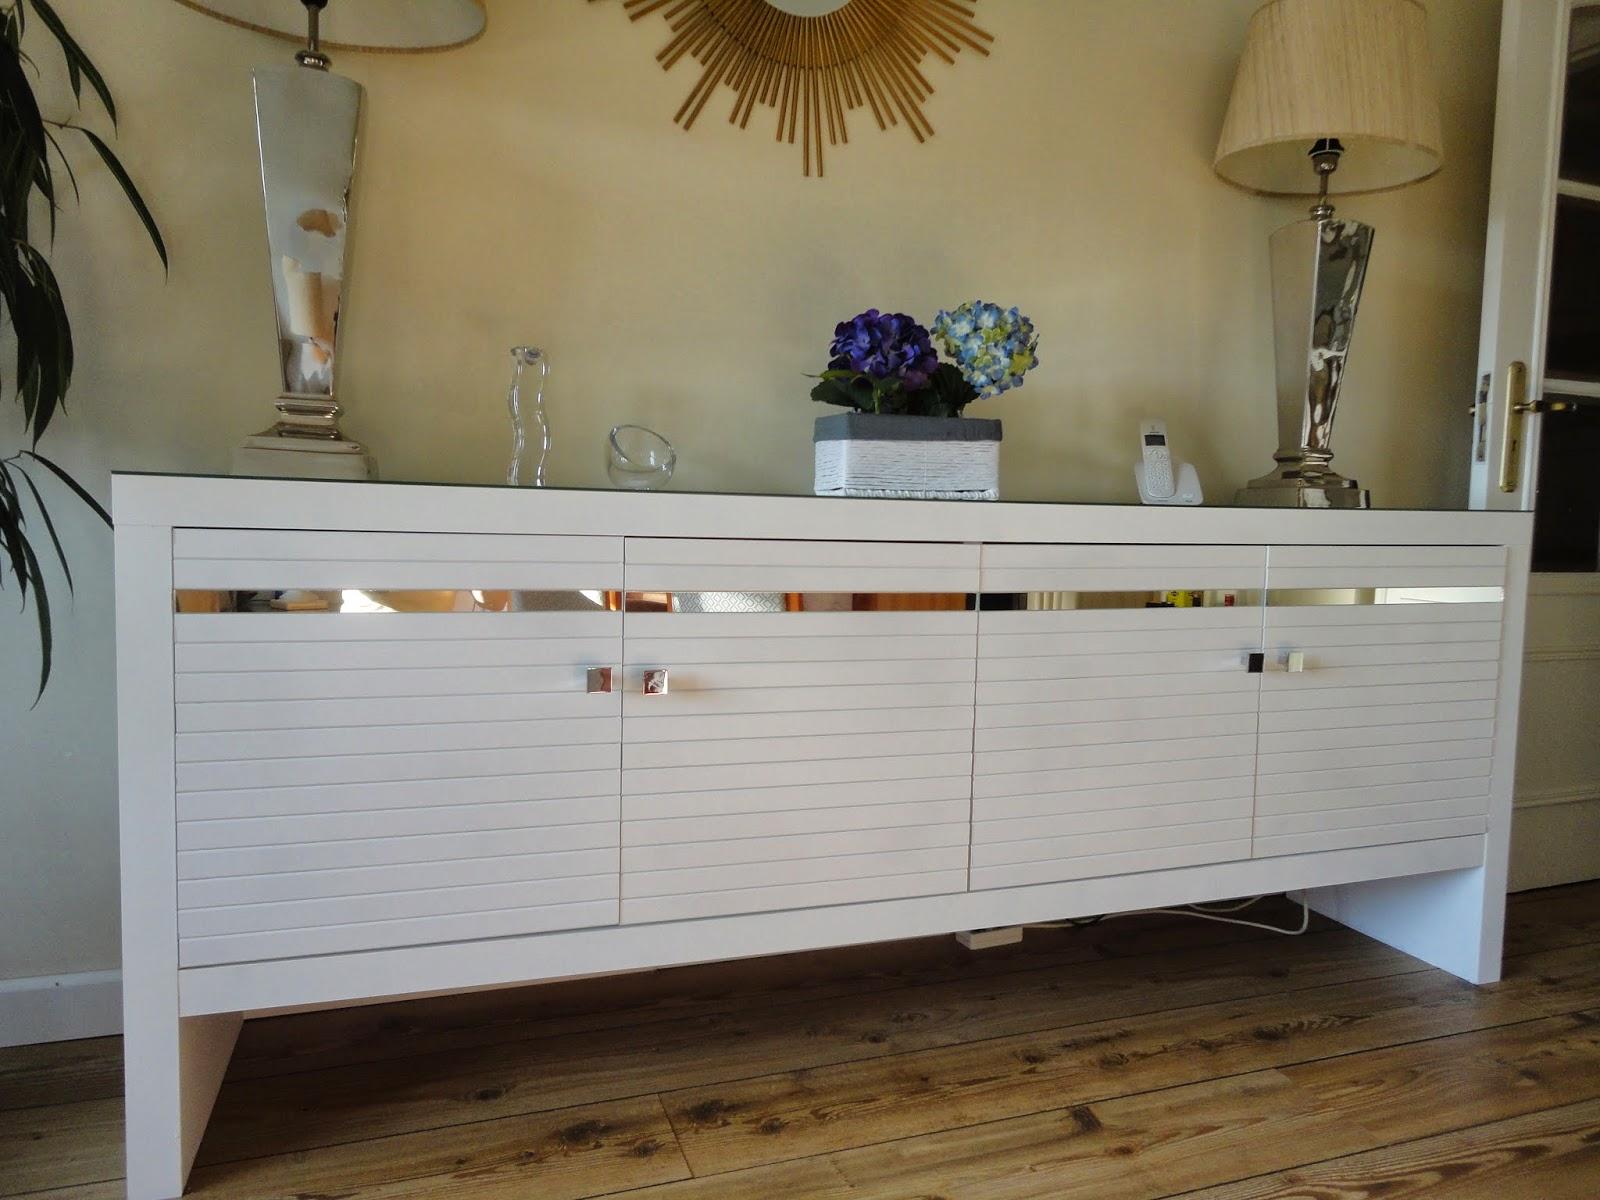 Armario Farmacia Wc ~ Home Change Home Blog de Decoraç u00e3o DIY de um aparador actualizaç u00e3o DIY of a sideboard